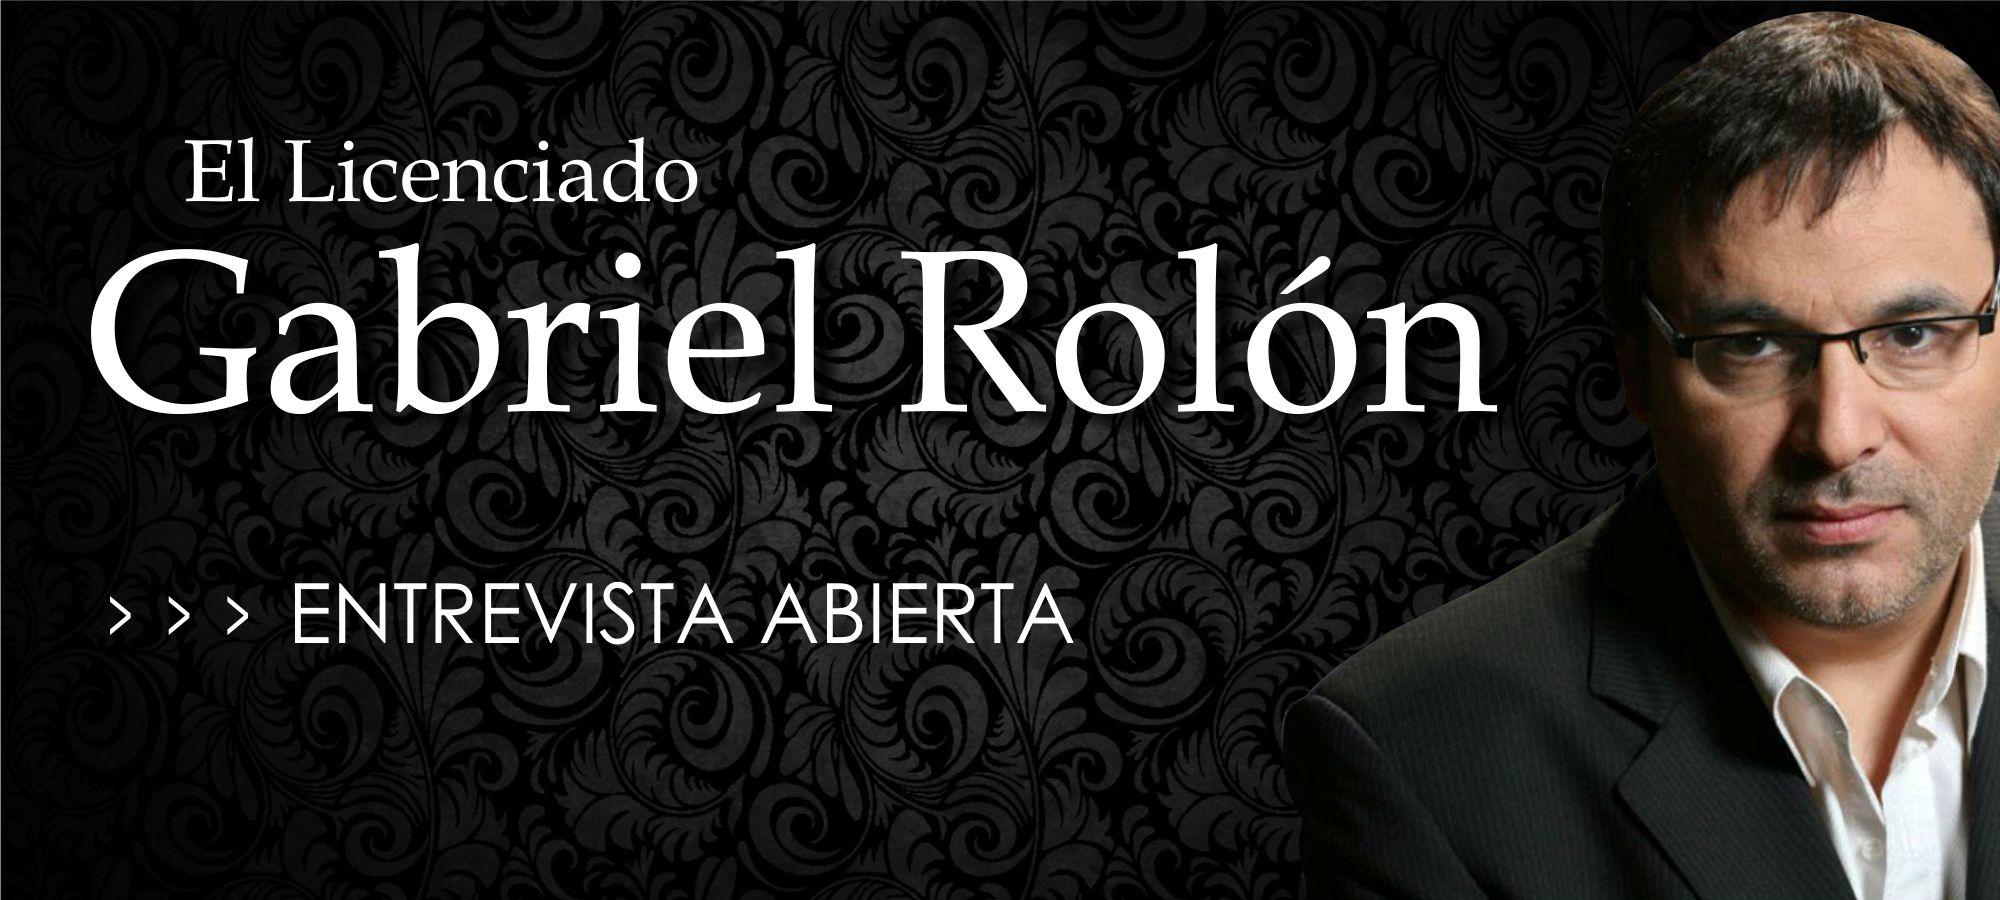 NUESTROS ARTISTAS GABRIEL ROLON FINAL